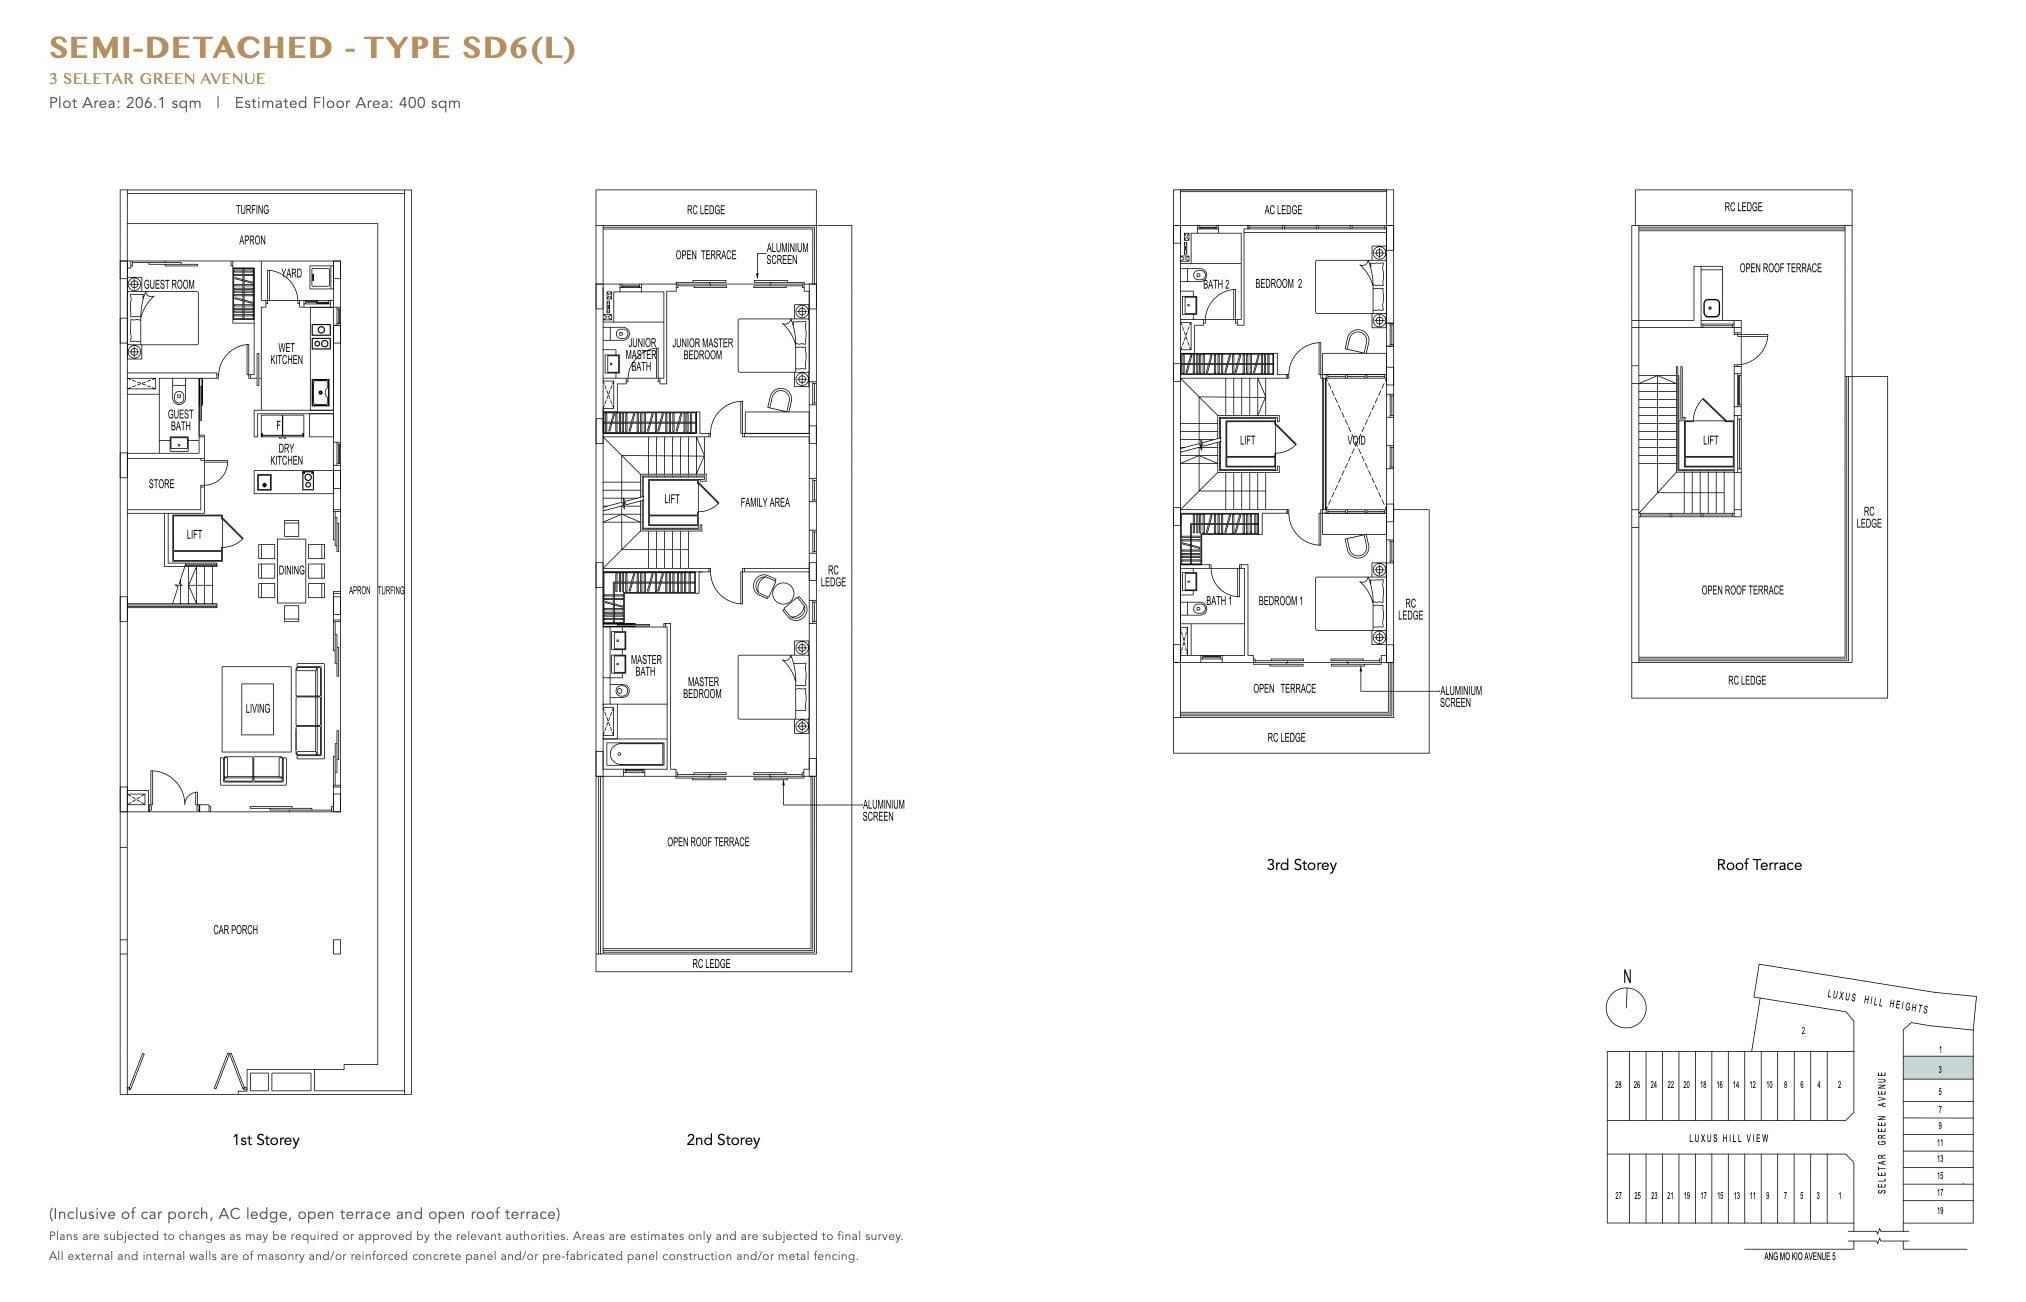 luxus-hills-contemporary - Semi D Floor Plan1